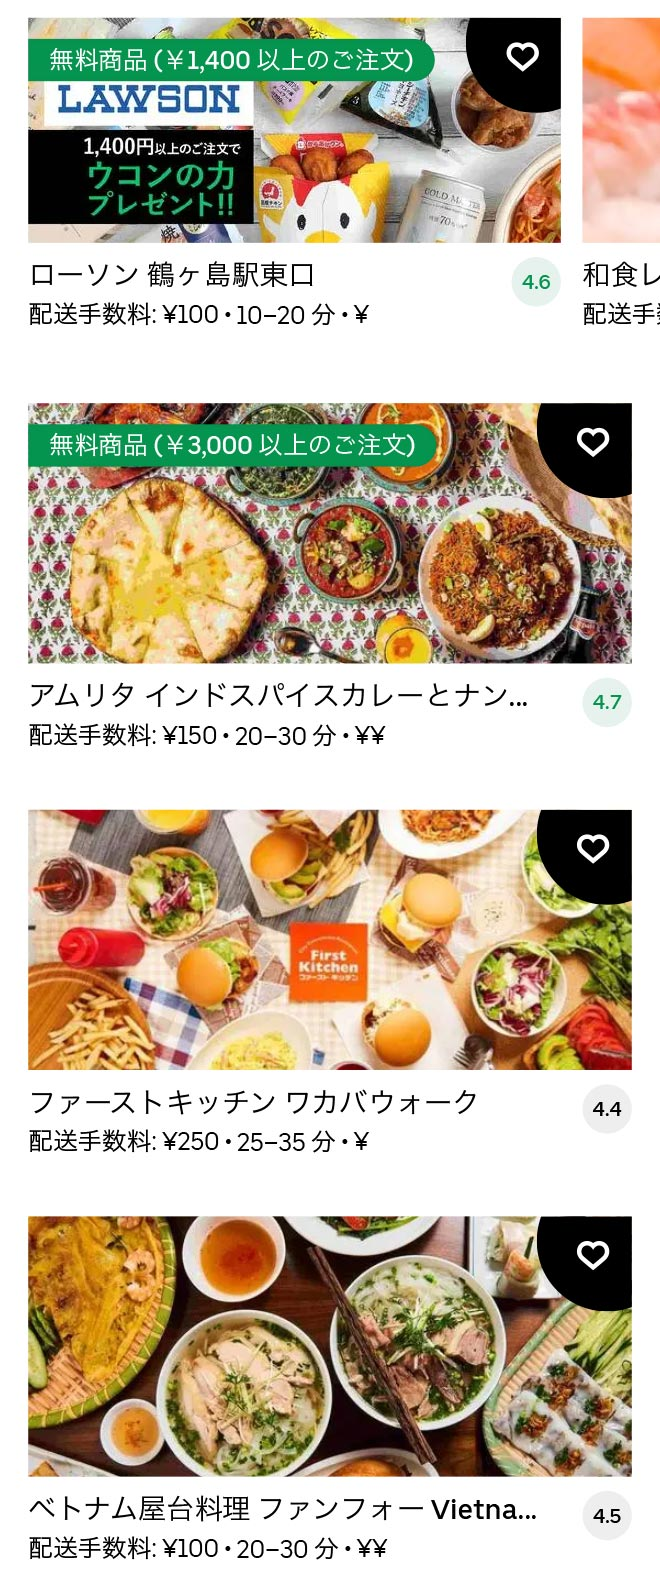 Tsurugashima menu 2101 02